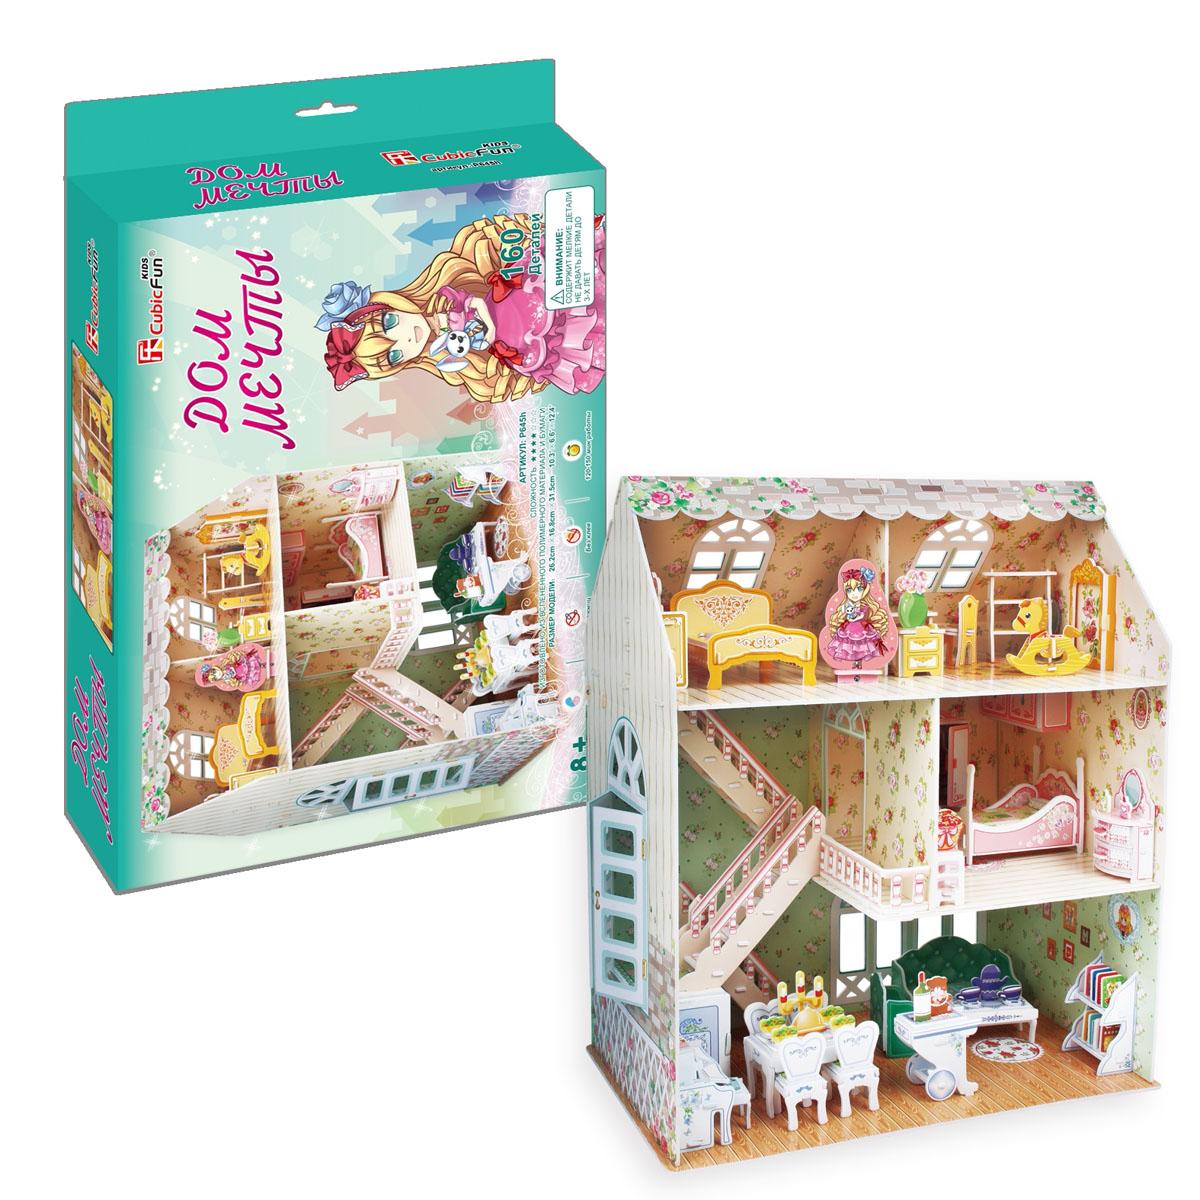 CubicFun Дом мечты, 160 деталейP645hКонструктор-макет Дом мечты - интересный 3D пазл-конструктор, который несомненно понравится и взрослым, и детям. Яркий, красочный Пазл 3D Дом мечты, CubicFun (КубикФан) подойдет как для игры в куклы, так и для наглядности и украшения детской комнаты. Конструктор сделан из листа ламинированного пенокартона. Данная модель входит в Рождественскую серию, поэтому она будет идеальным подарком на Новый год, на день Святого Николая или на Рождество. Пусть ваша дочь самостоятельно соберет свой домик мечты, тем более это так легко - без клея и ножниц. Достаточно просто выдавить нужные детали и соединить их друг с другом по схеме. Пазл обирается без использования клея и ножниц, составные элементы отлично соединяются между собой с помощью специальных соединительных приспособлений. Готовая композиция станет отличным украшением интерьера. Собирание пазла способствует развитию логического мышления, внимания, мелкой моторики и координации движений. Рекомендуемый возврат:...